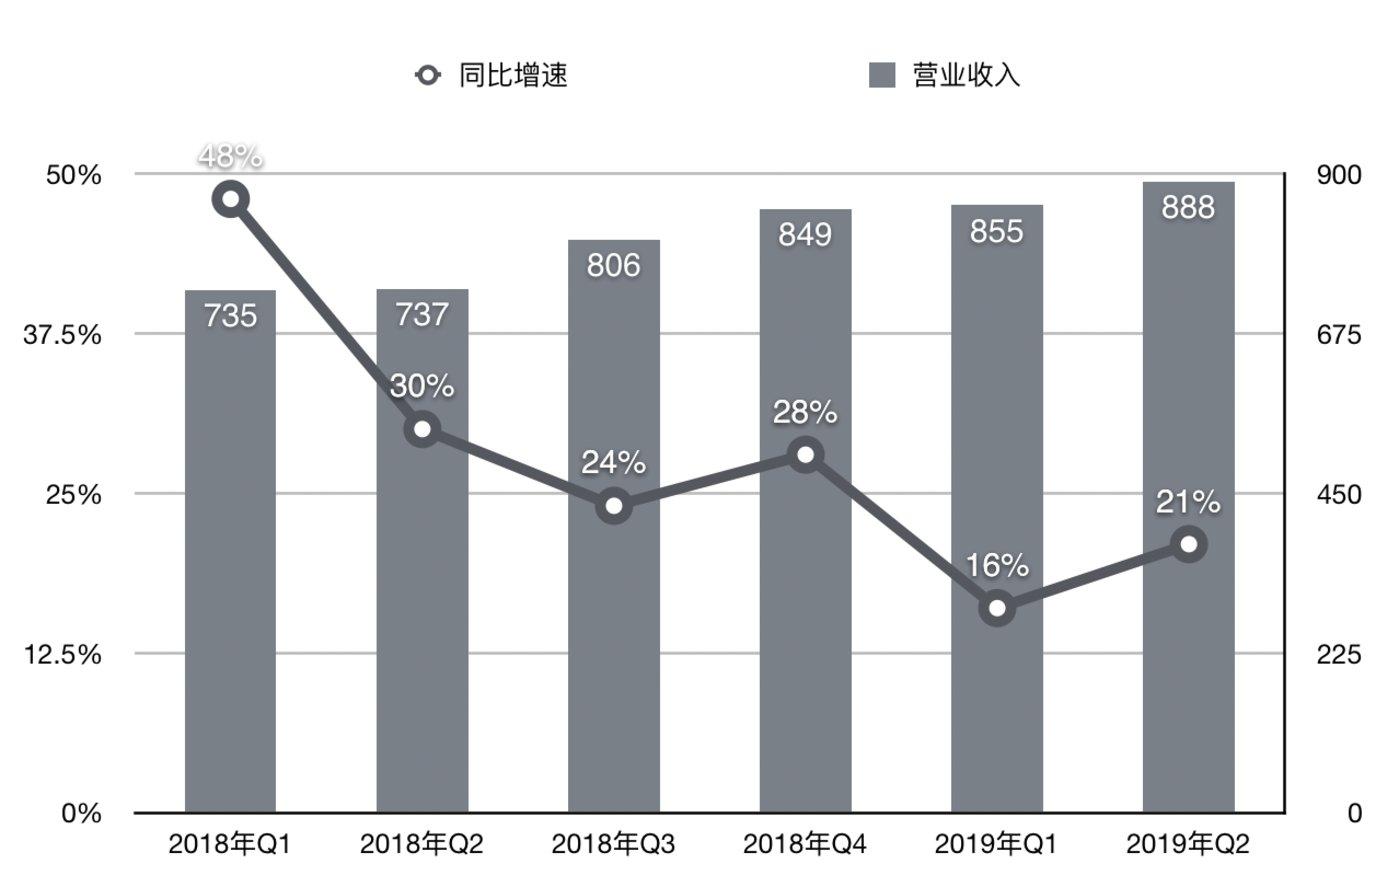 腾讯各季度营业收入及增速